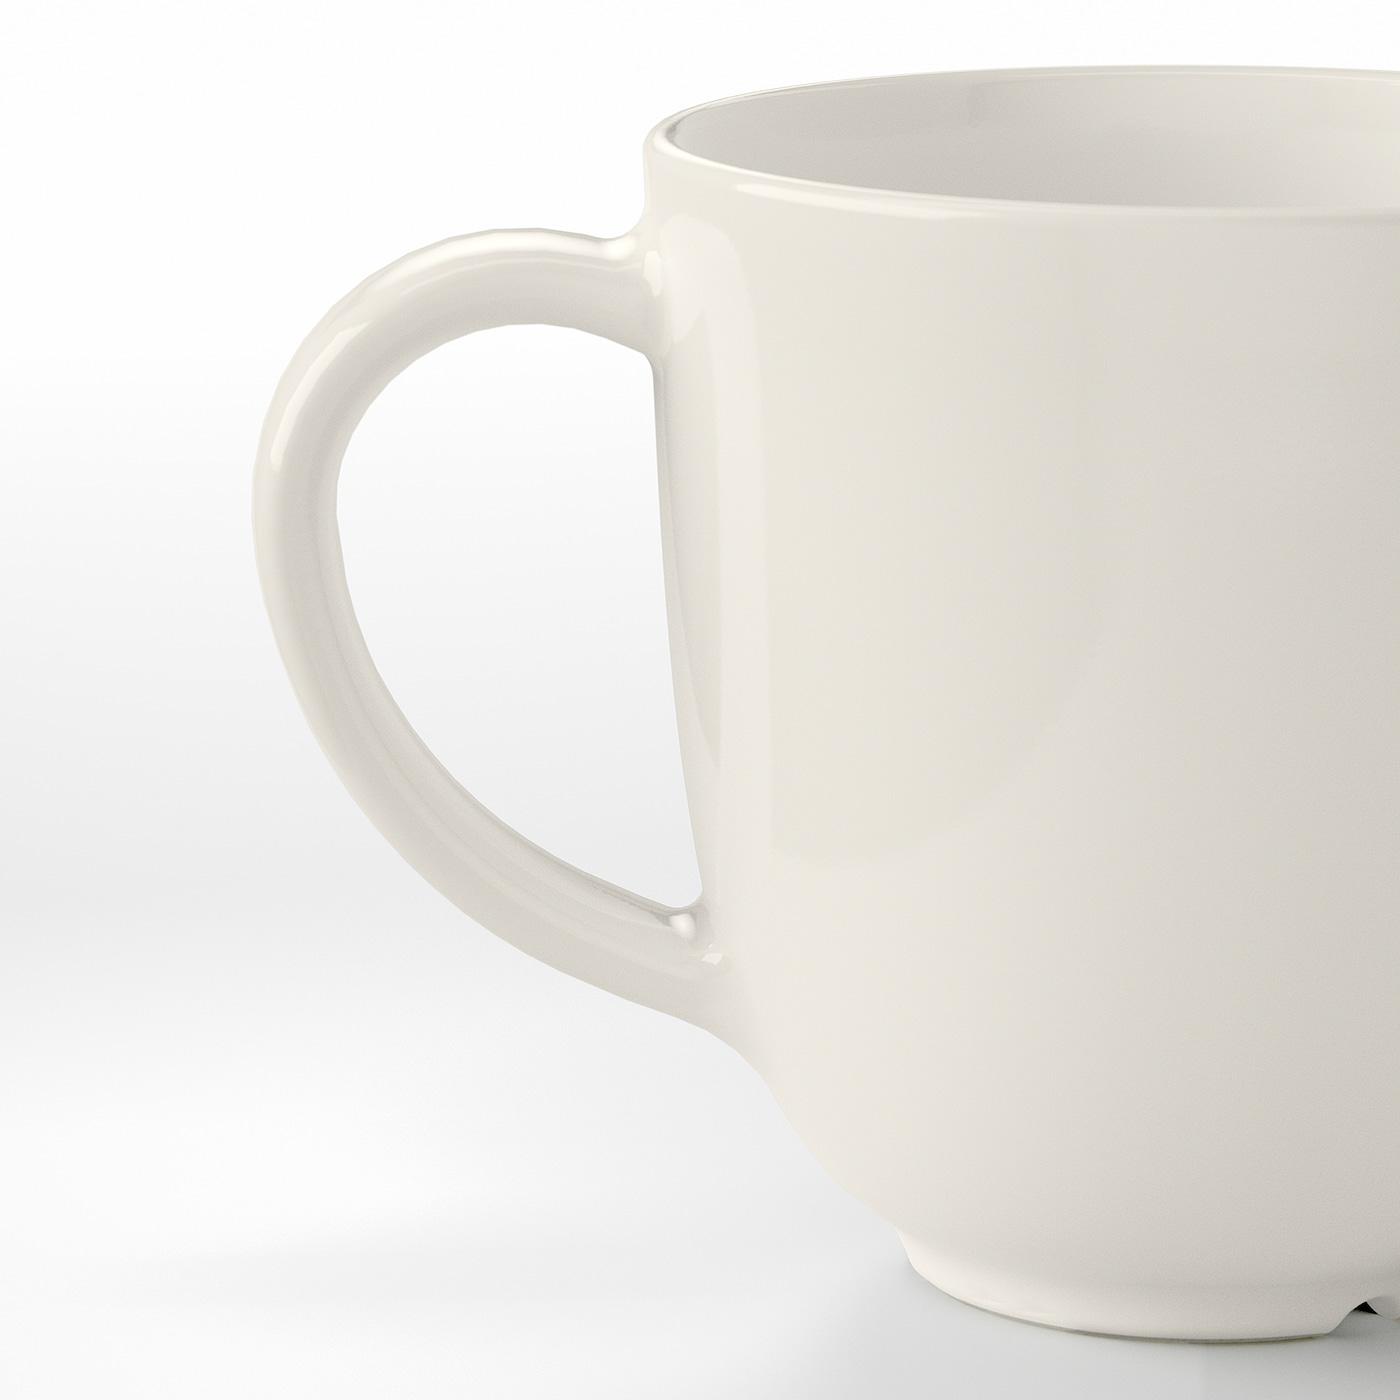 바르다겐 머그컵, 오프화이트, 30 cl